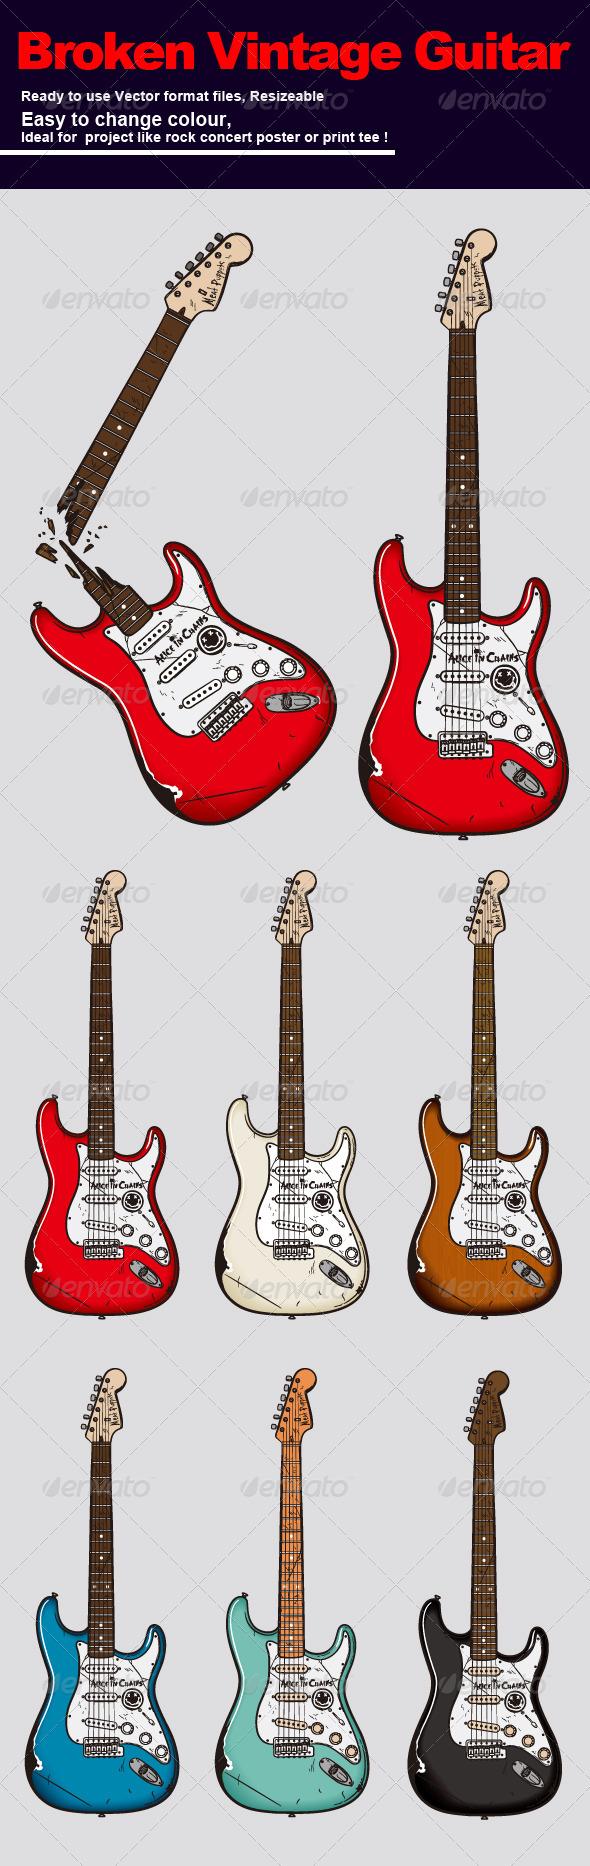 GraphicRiver Broken Vintage Guitar 3469897